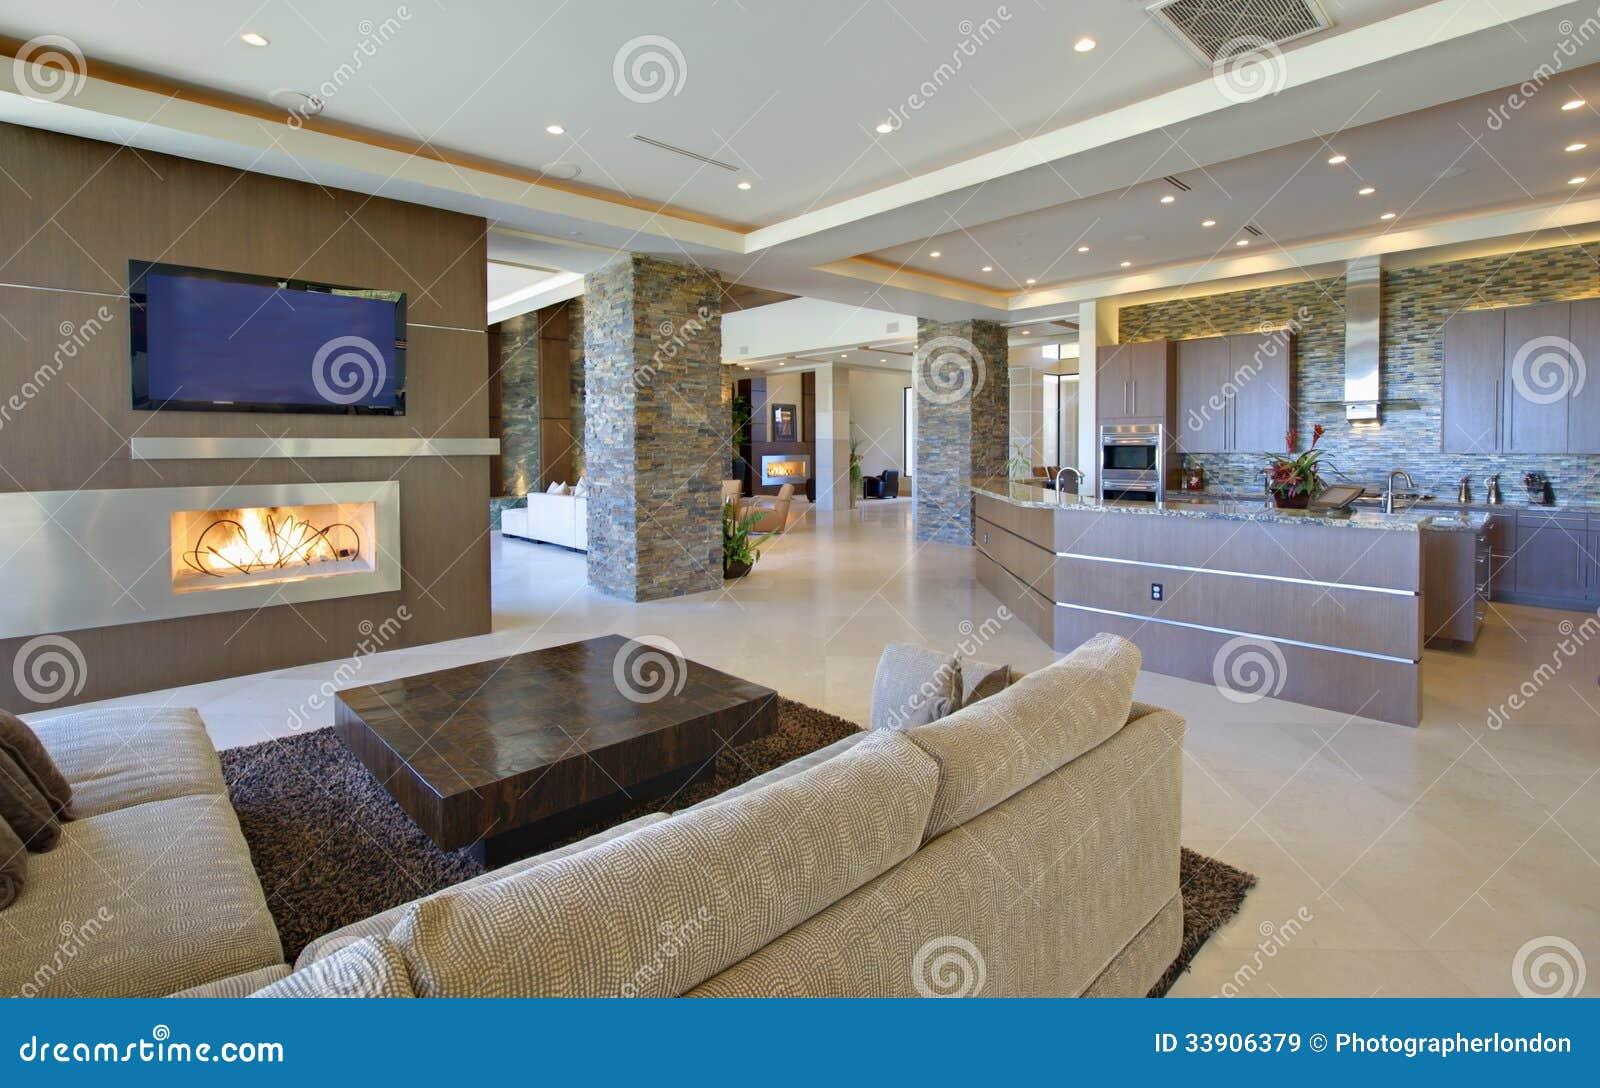 Wohnzimmer Mit Offener Küche Lizenzfreie Stockbilder ...